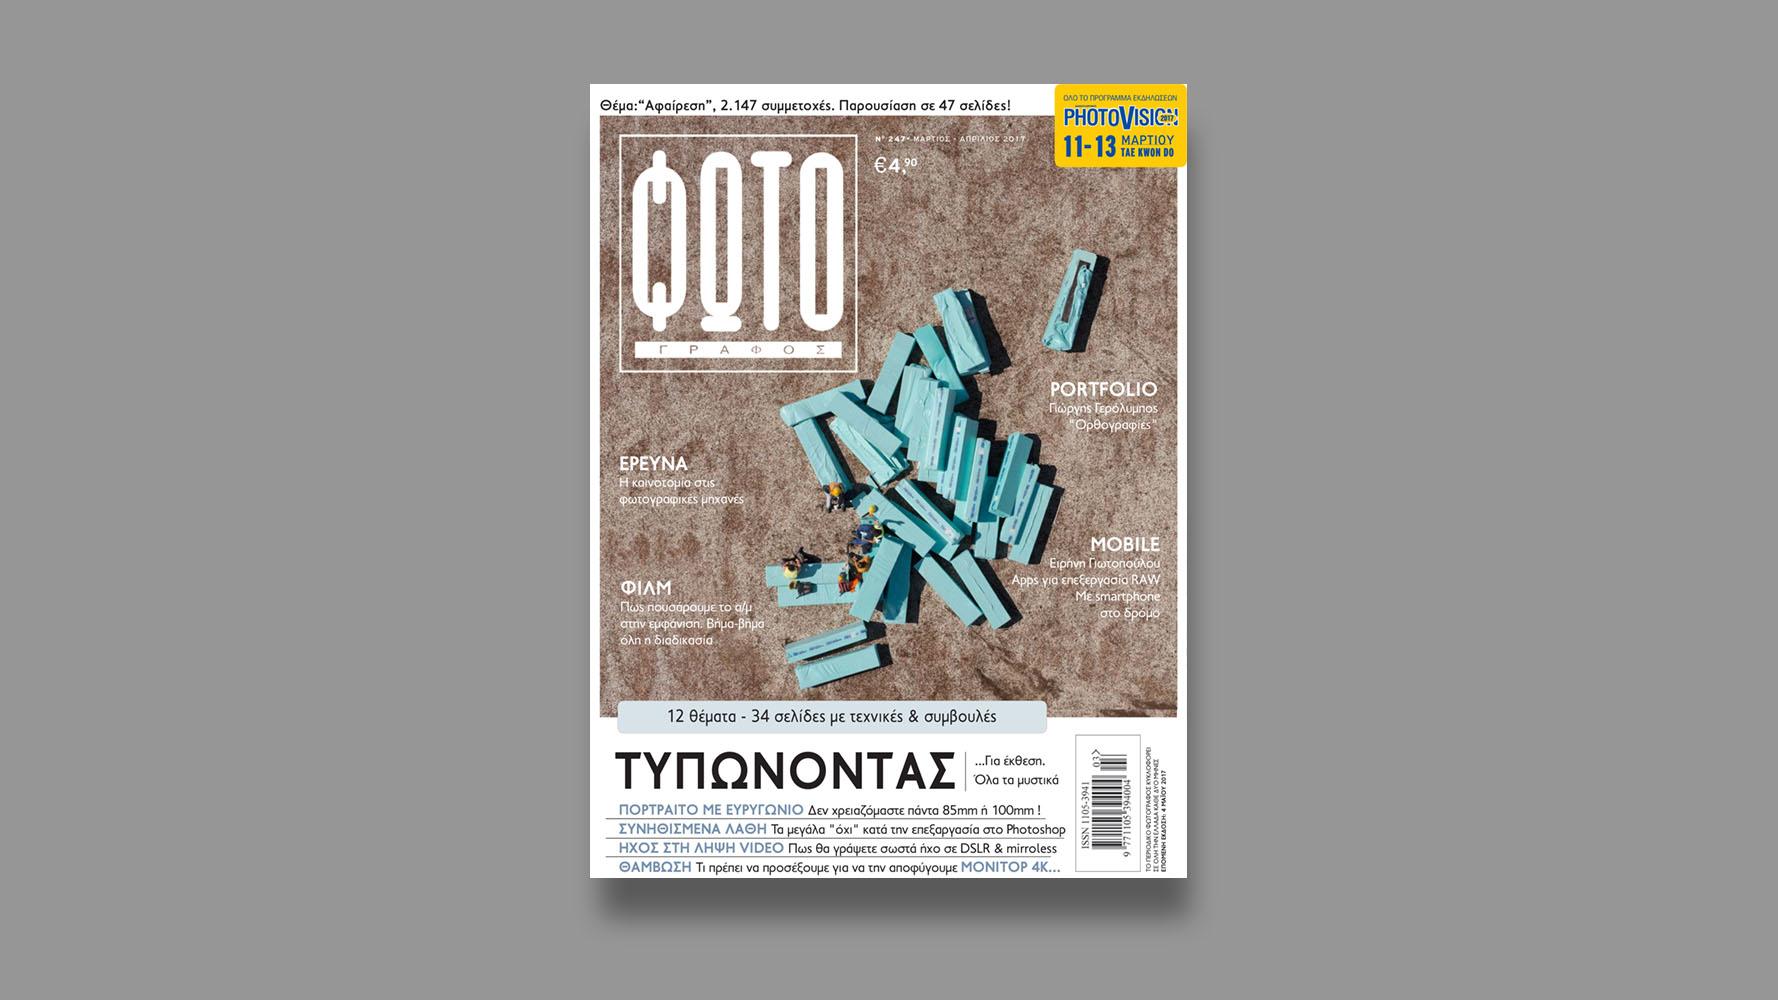 Photographos magazine, cover and portfolio presentation, March issue no 247, 2017